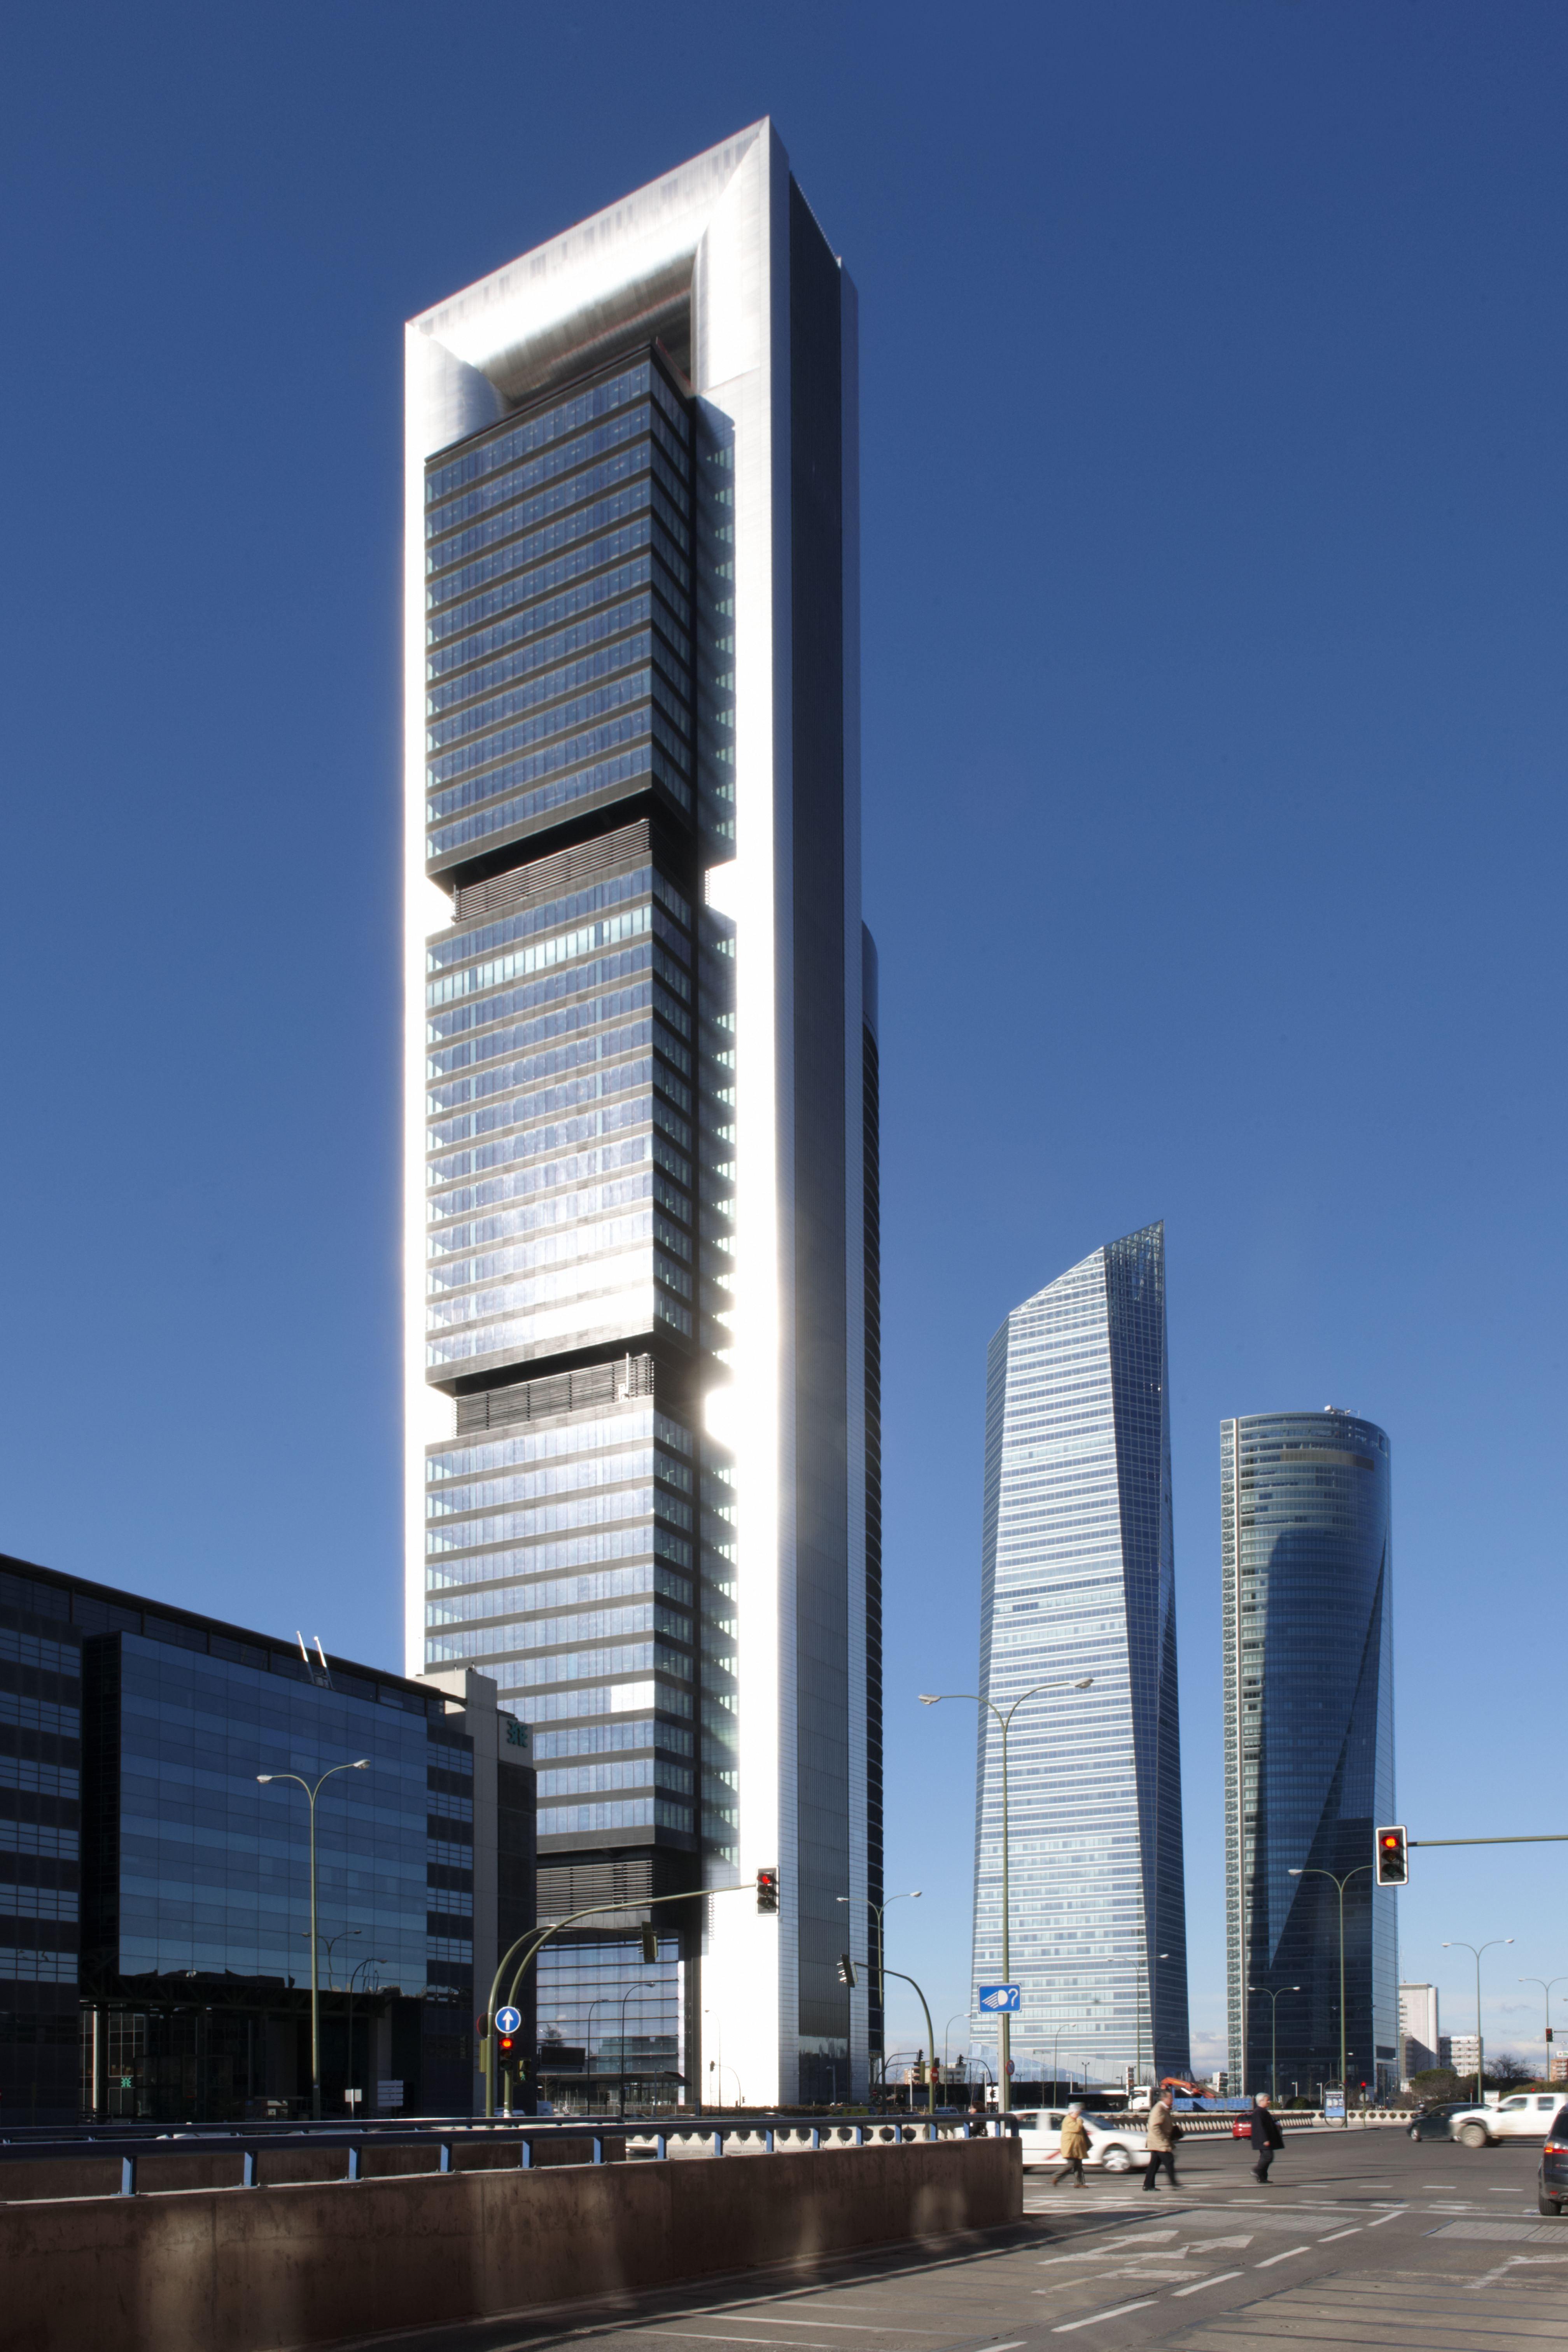 torre bankia madrid espaa norman foster se trata del edificio